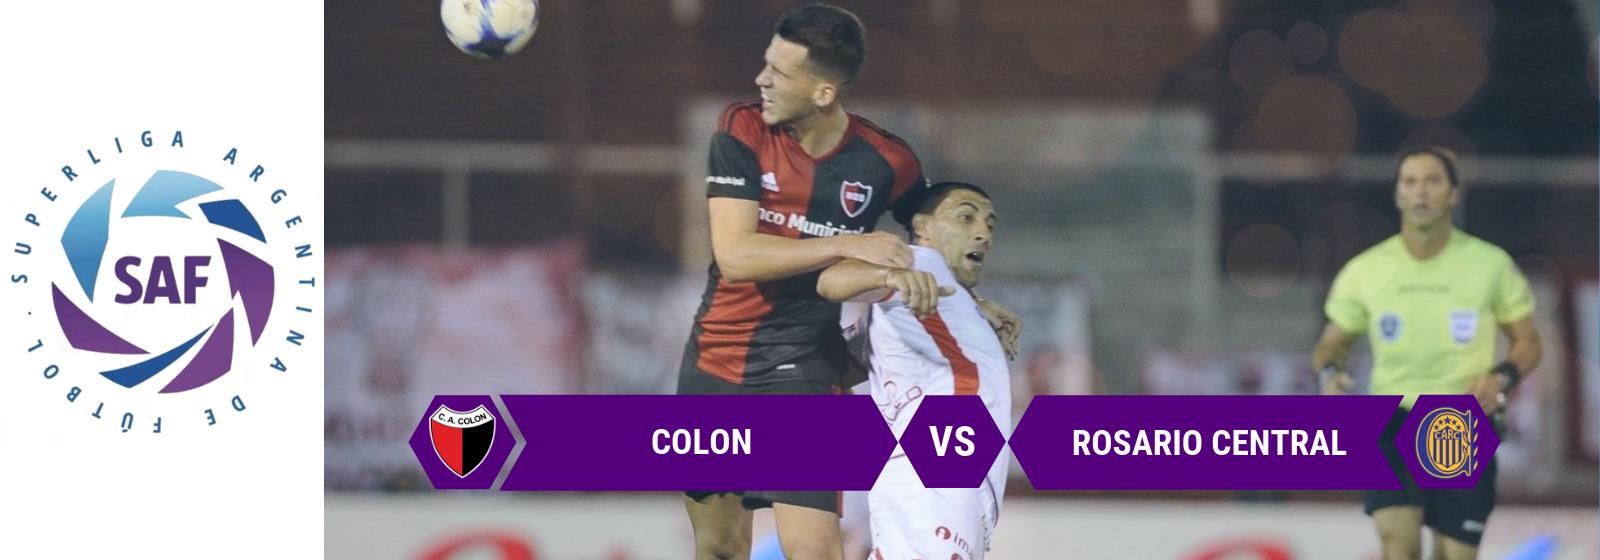 Superliga Argentina Colon Vs. Rosario Central Asian Connect